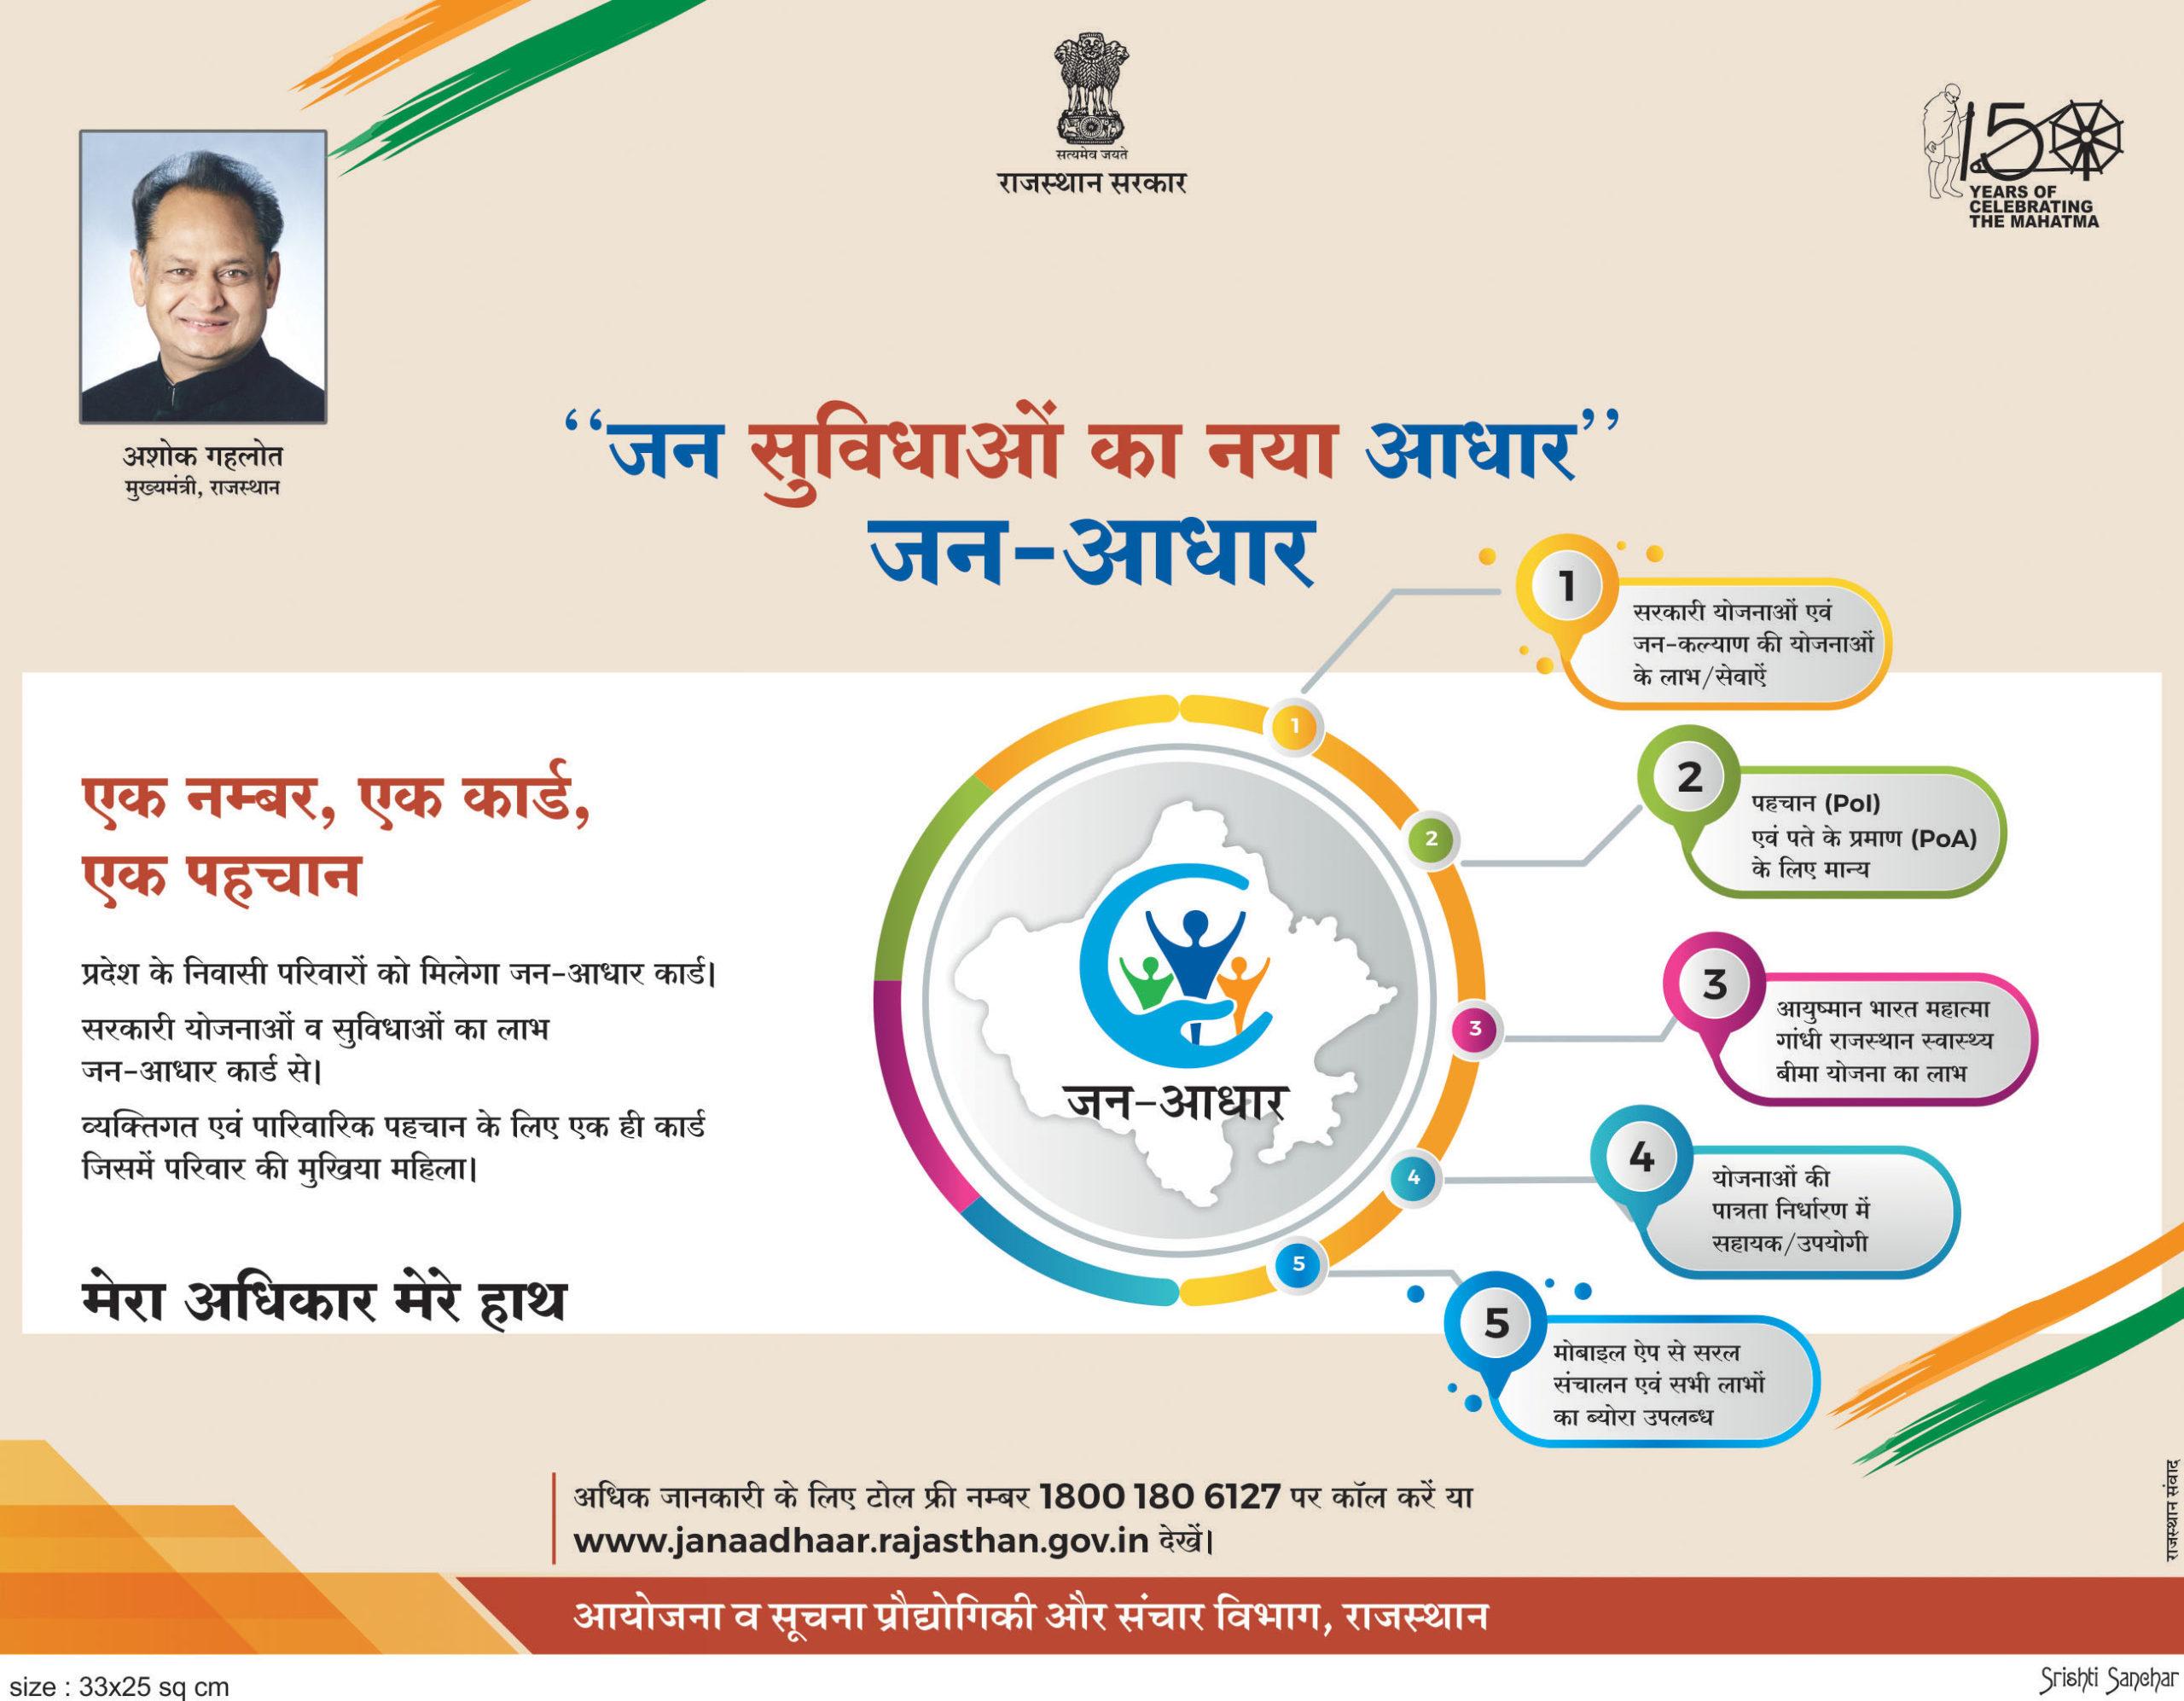 Rajasthan Jan Aadhaar Card Scheme Yojana